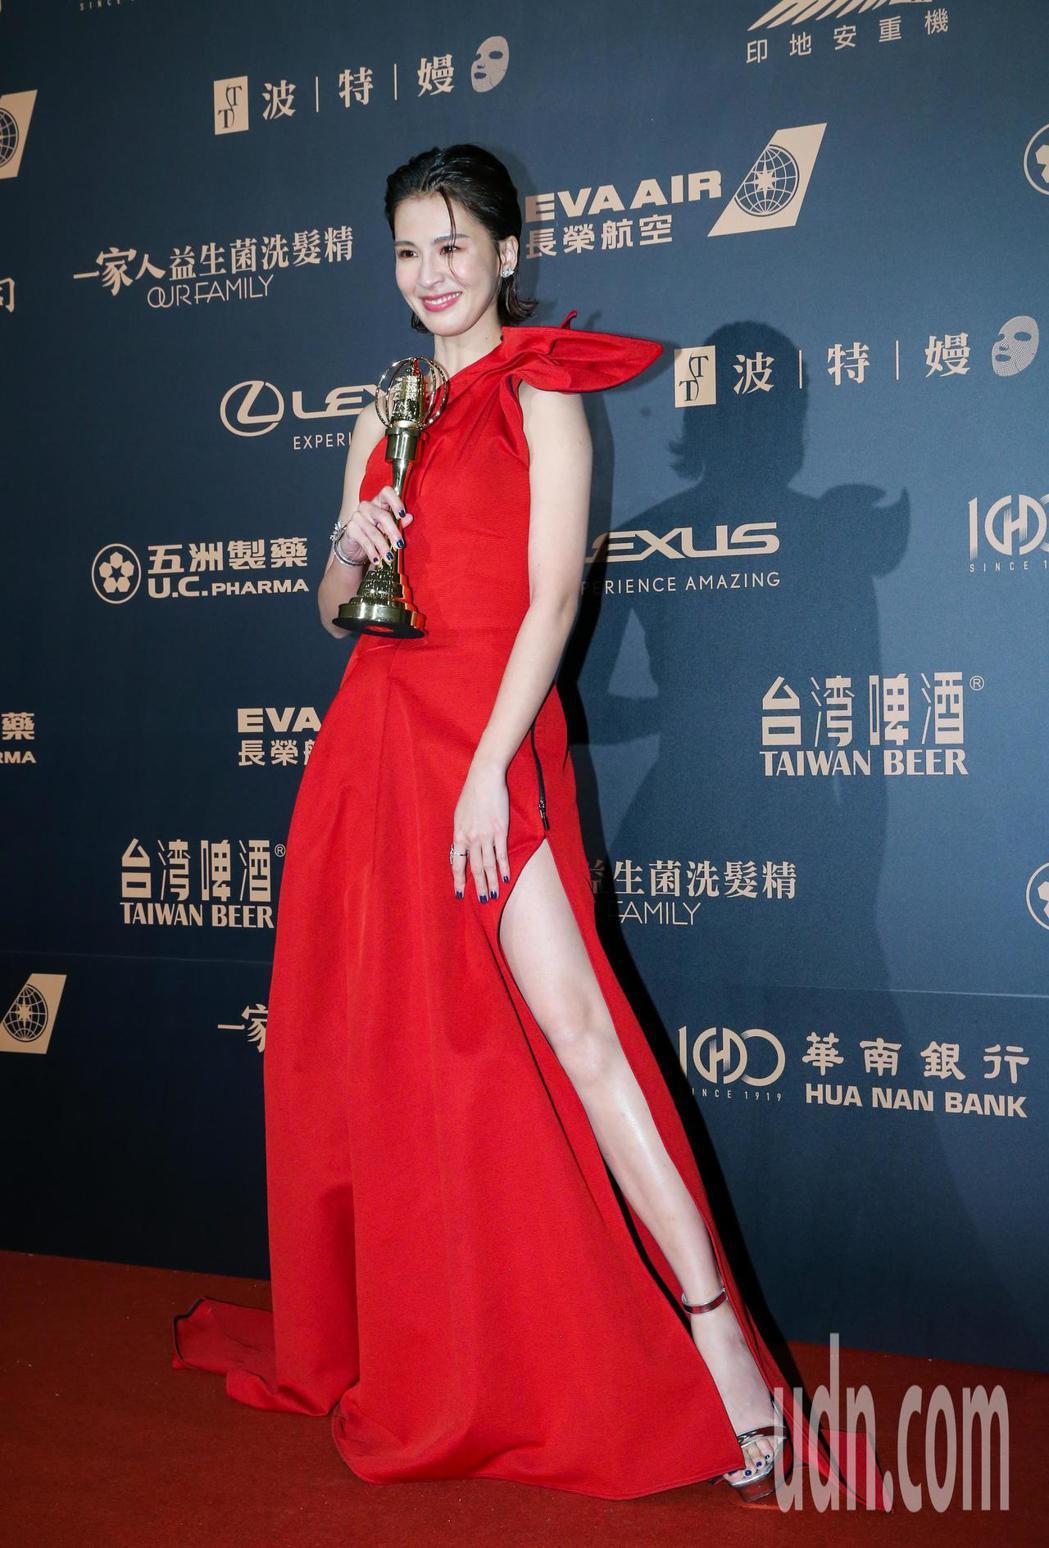 第54屆電視金鐘獎戲劇節目女配角獎由曾沛慈以我們與惡的距離獲得。記者許正宏/攝影